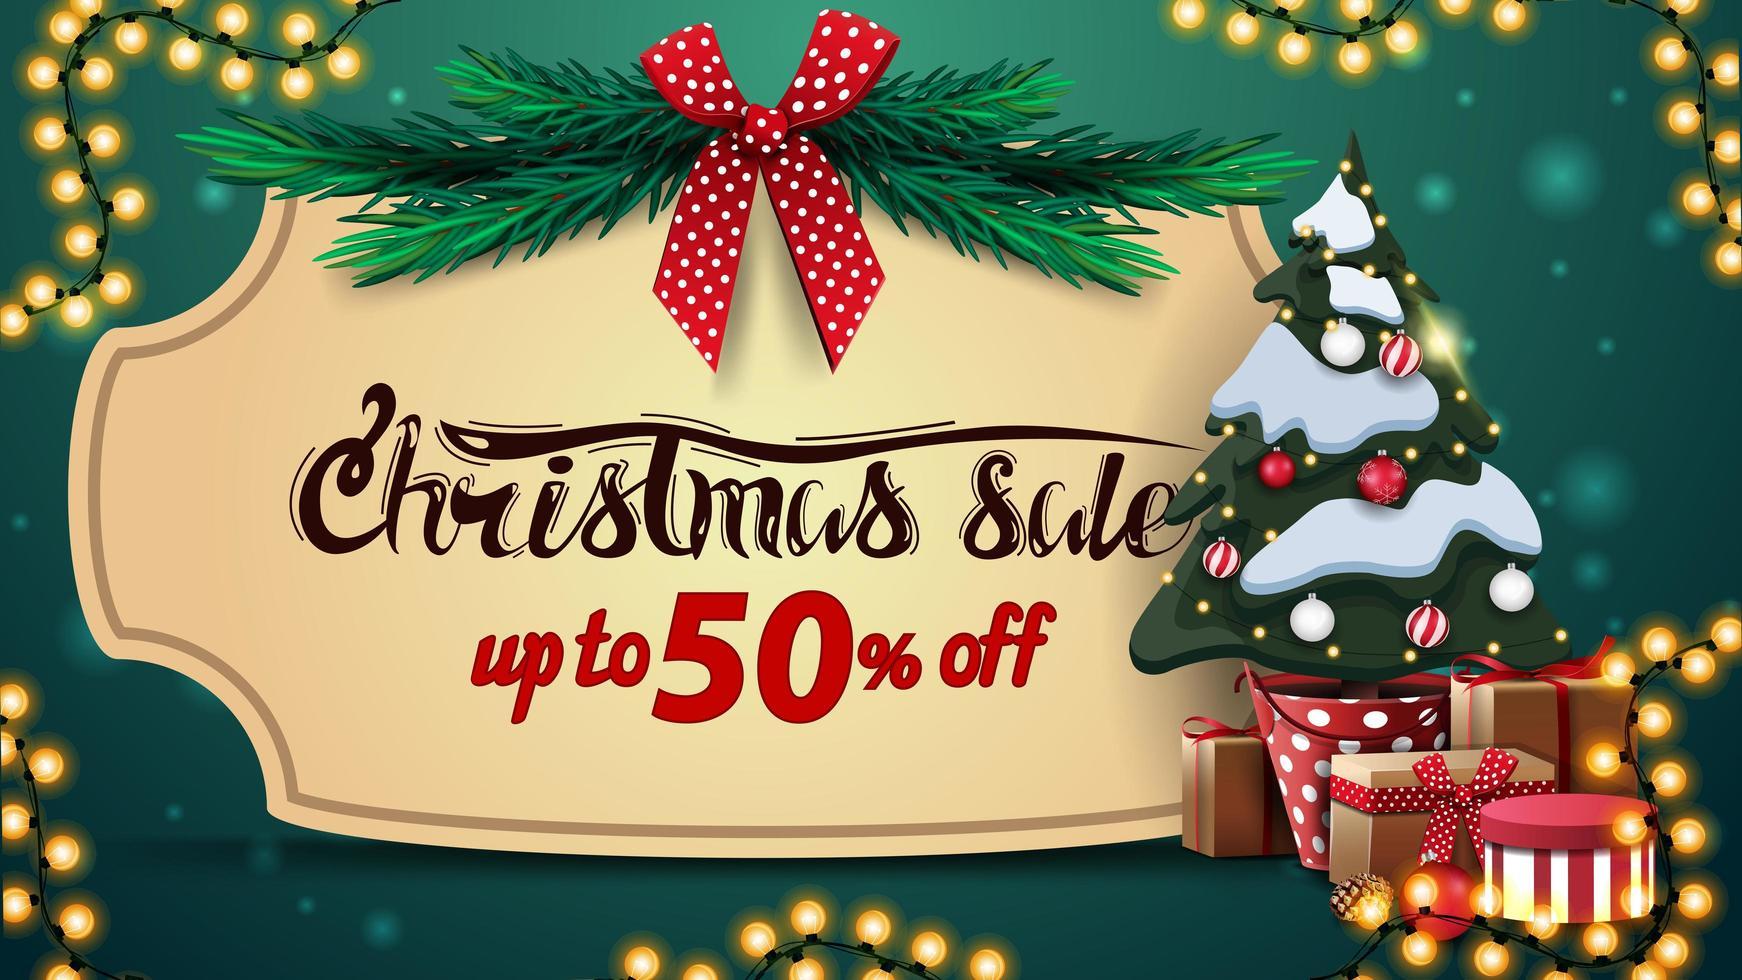 venta de navidad, hasta 50 de descuento, banner de descuento verde con marco vintage, ramas de árbol de navidad con lazo rojo, guirnalda y árbol de navidad en una maceta con regalos vector